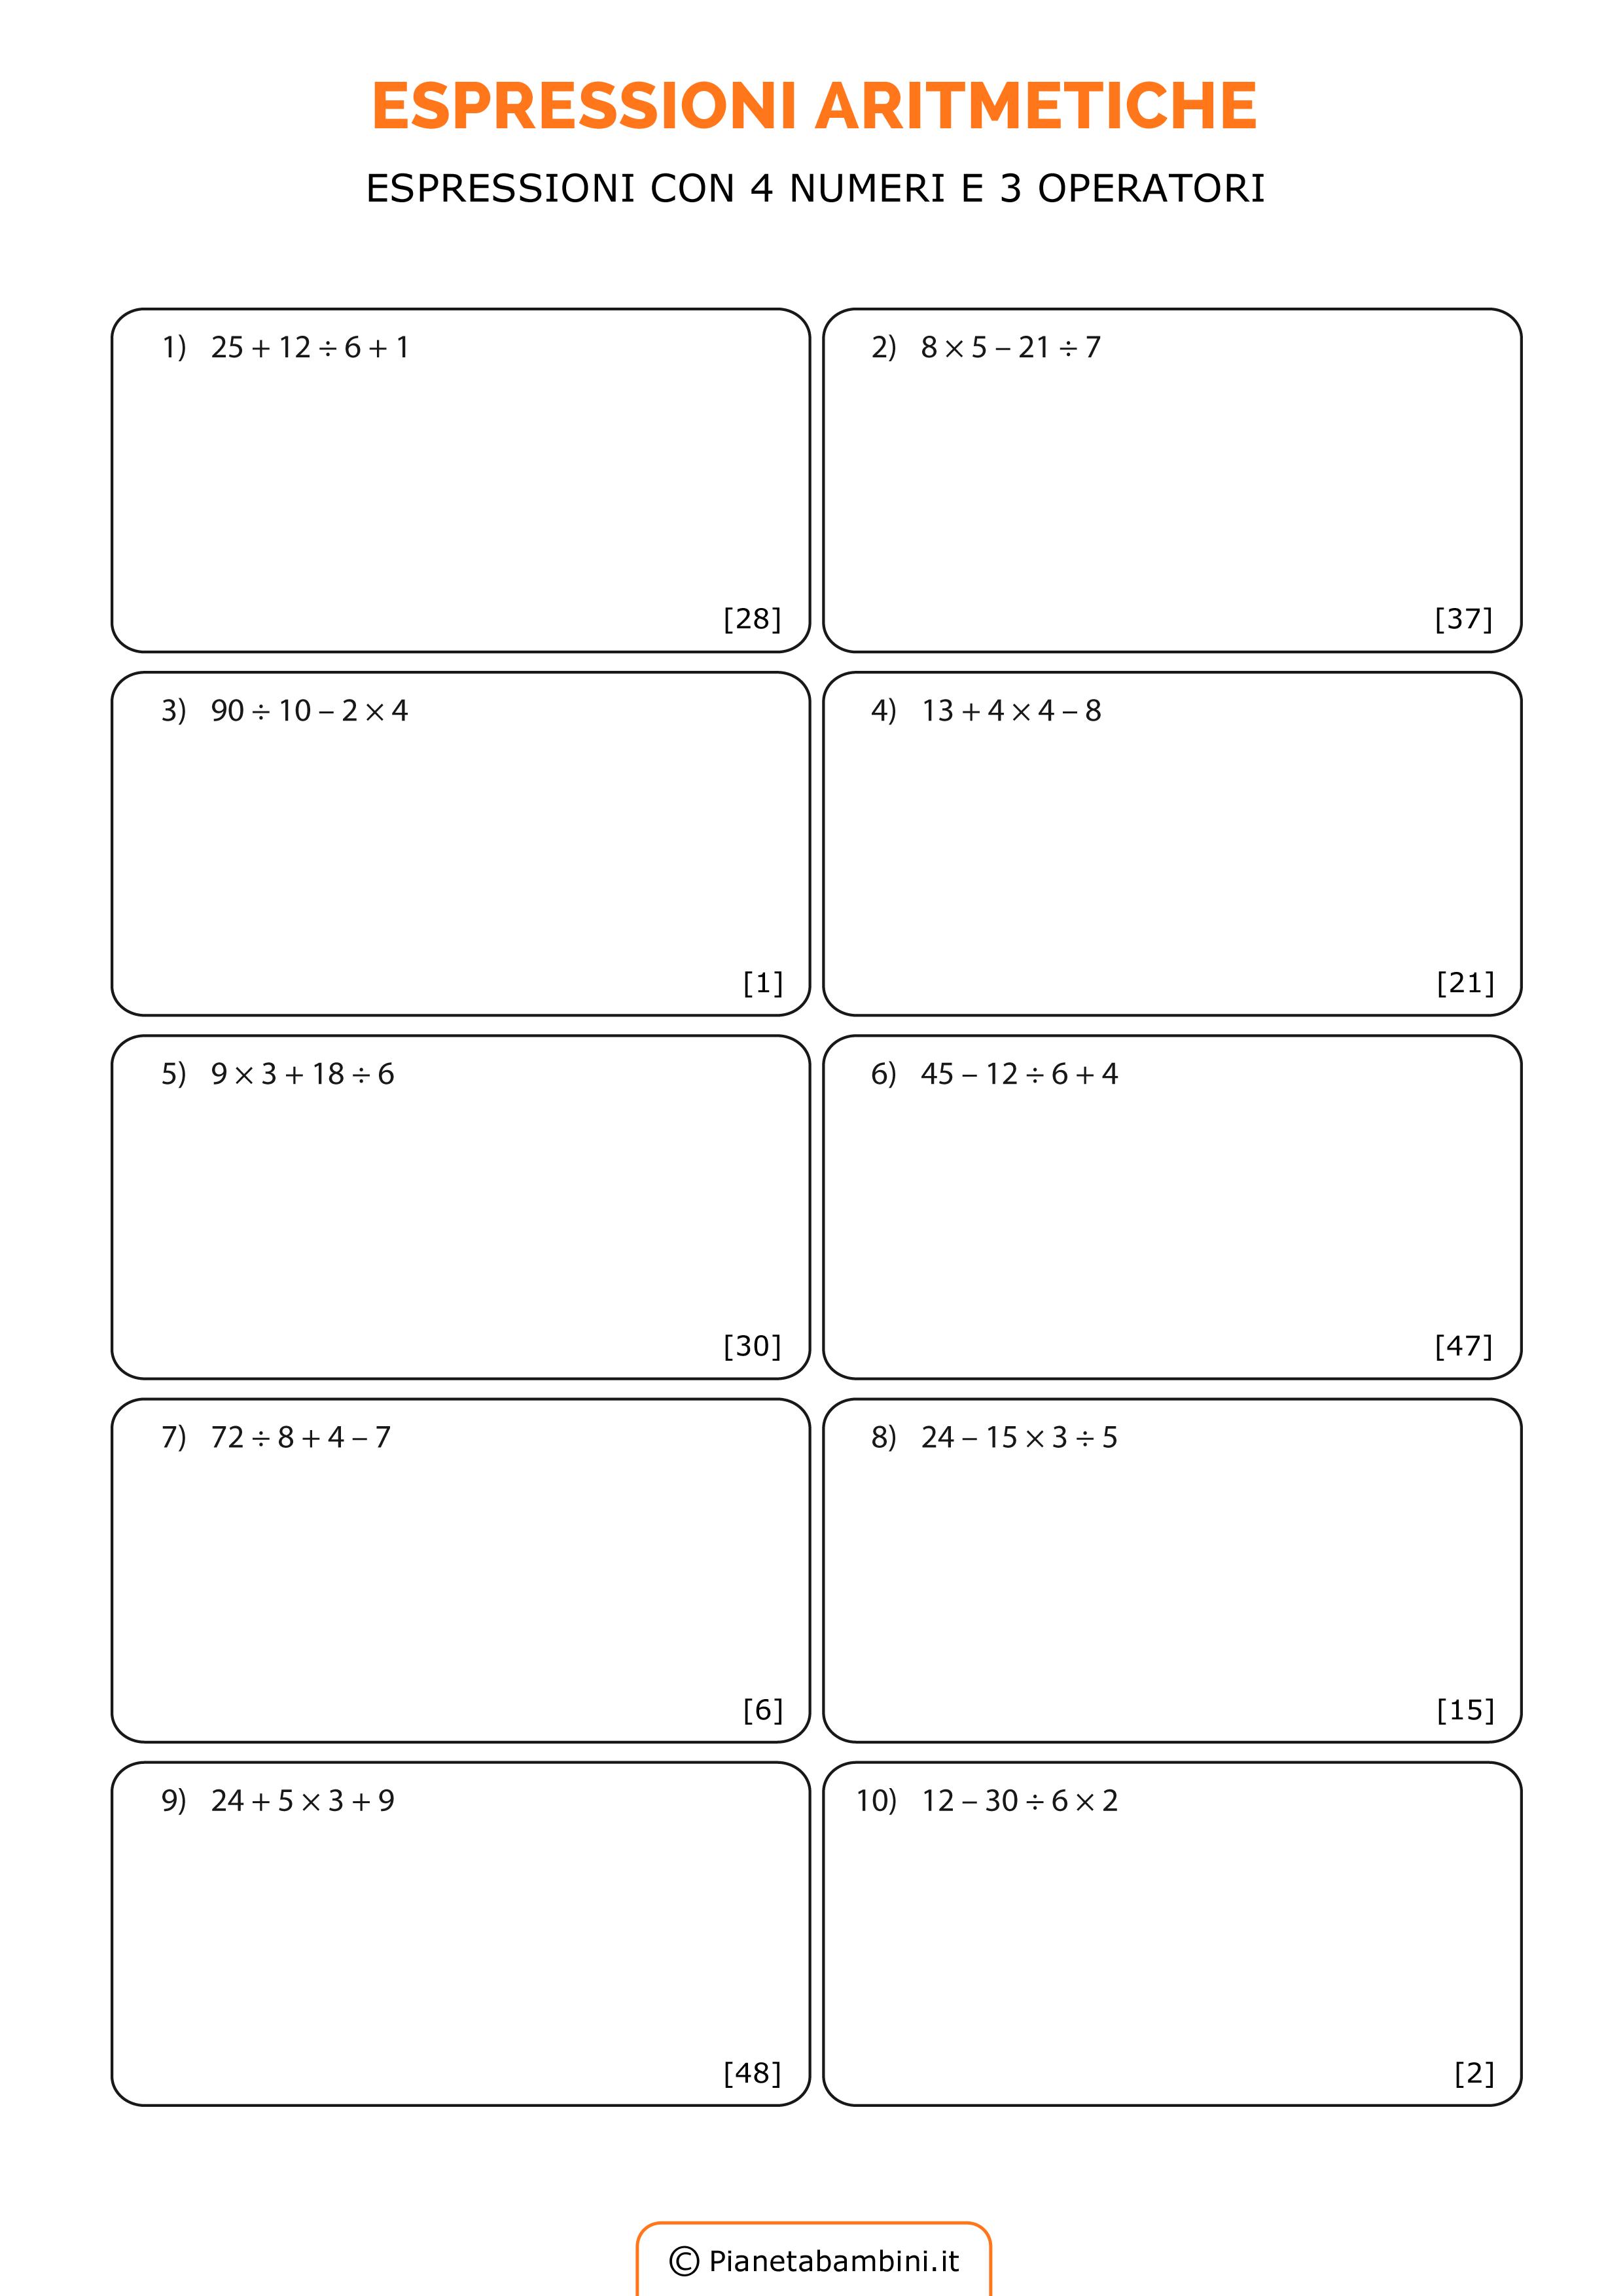 Esercizi-Espressioni-4-Numeri-3-Operatori_2